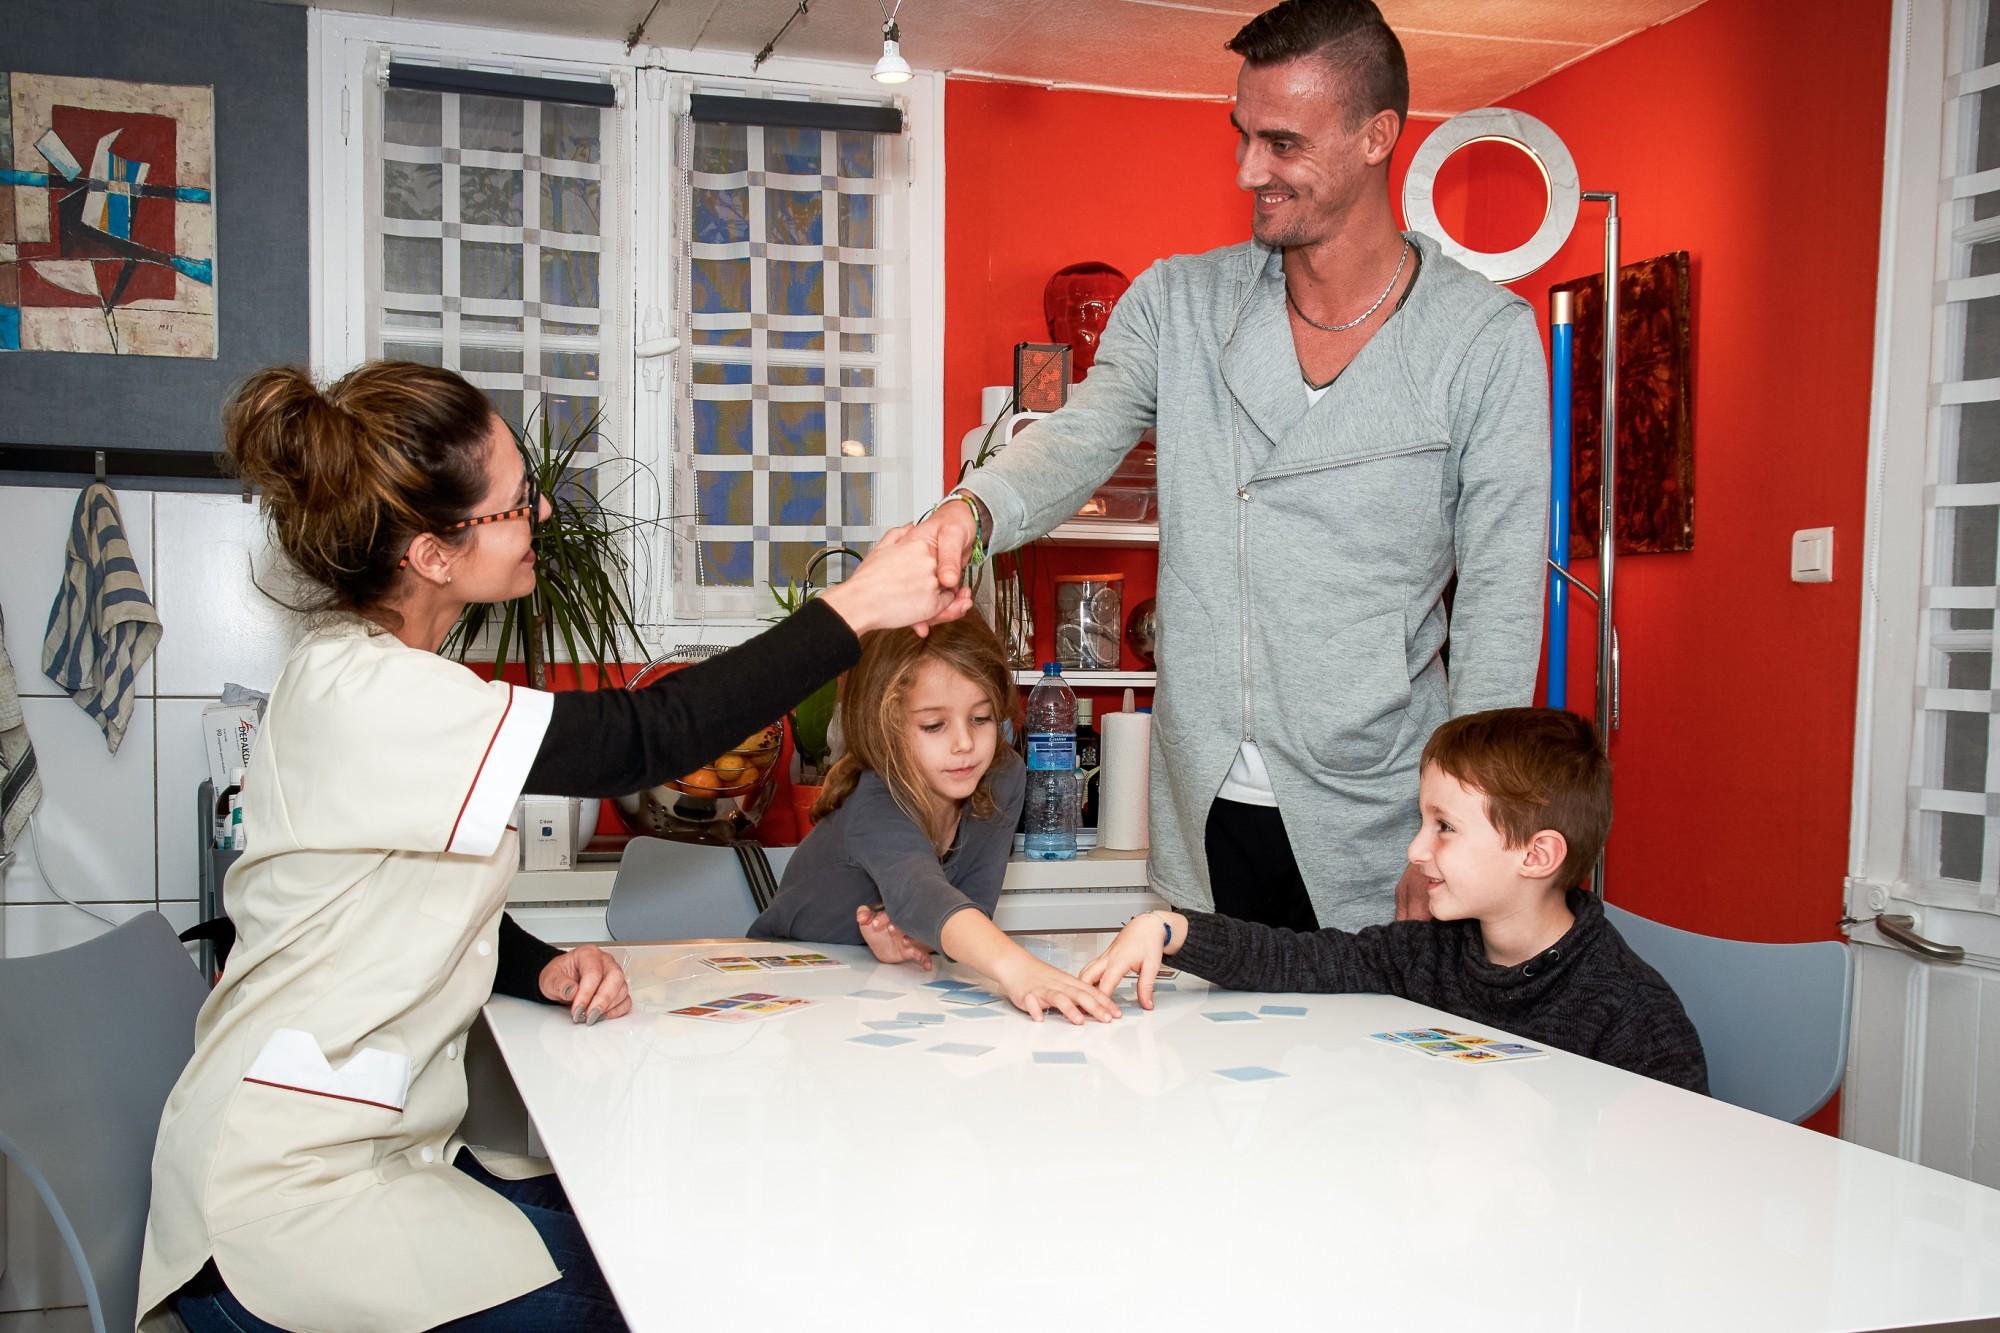 les d marches pour financer la garde de votre enfant services la personne marseille arcade. Black Bedroom Furniture Sets. Home Design Ideas